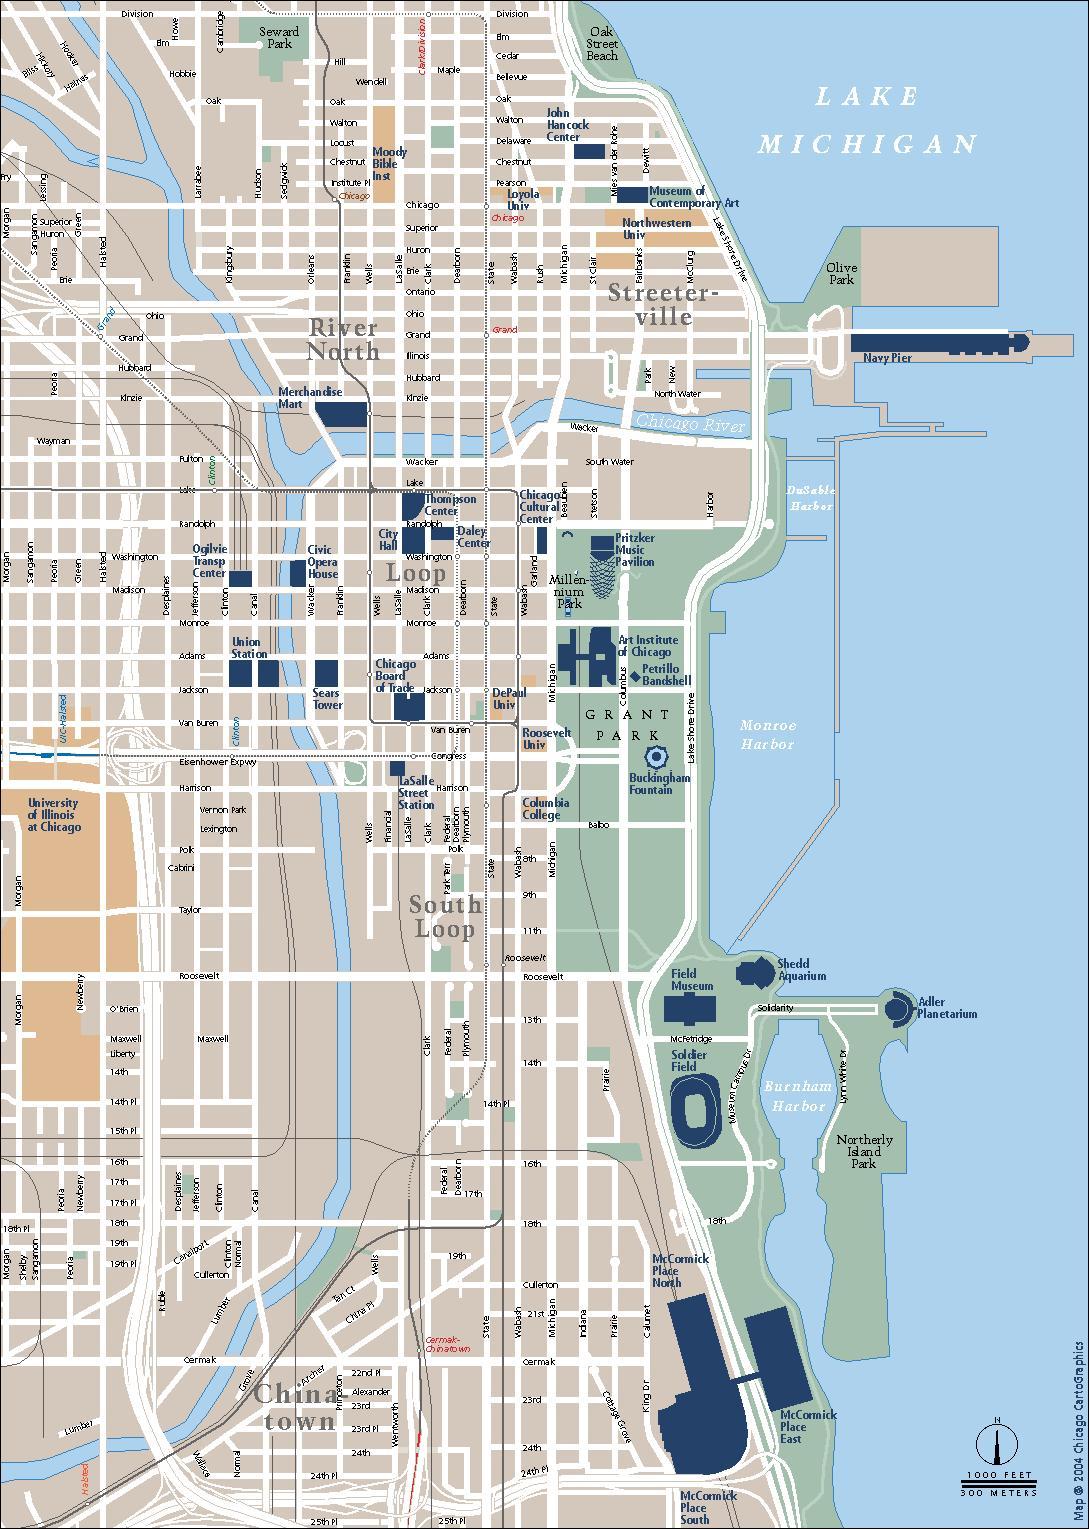 trafikk kart Chicago trafikk kart   Trafikk kart Chicago (Usa) trafikk kart